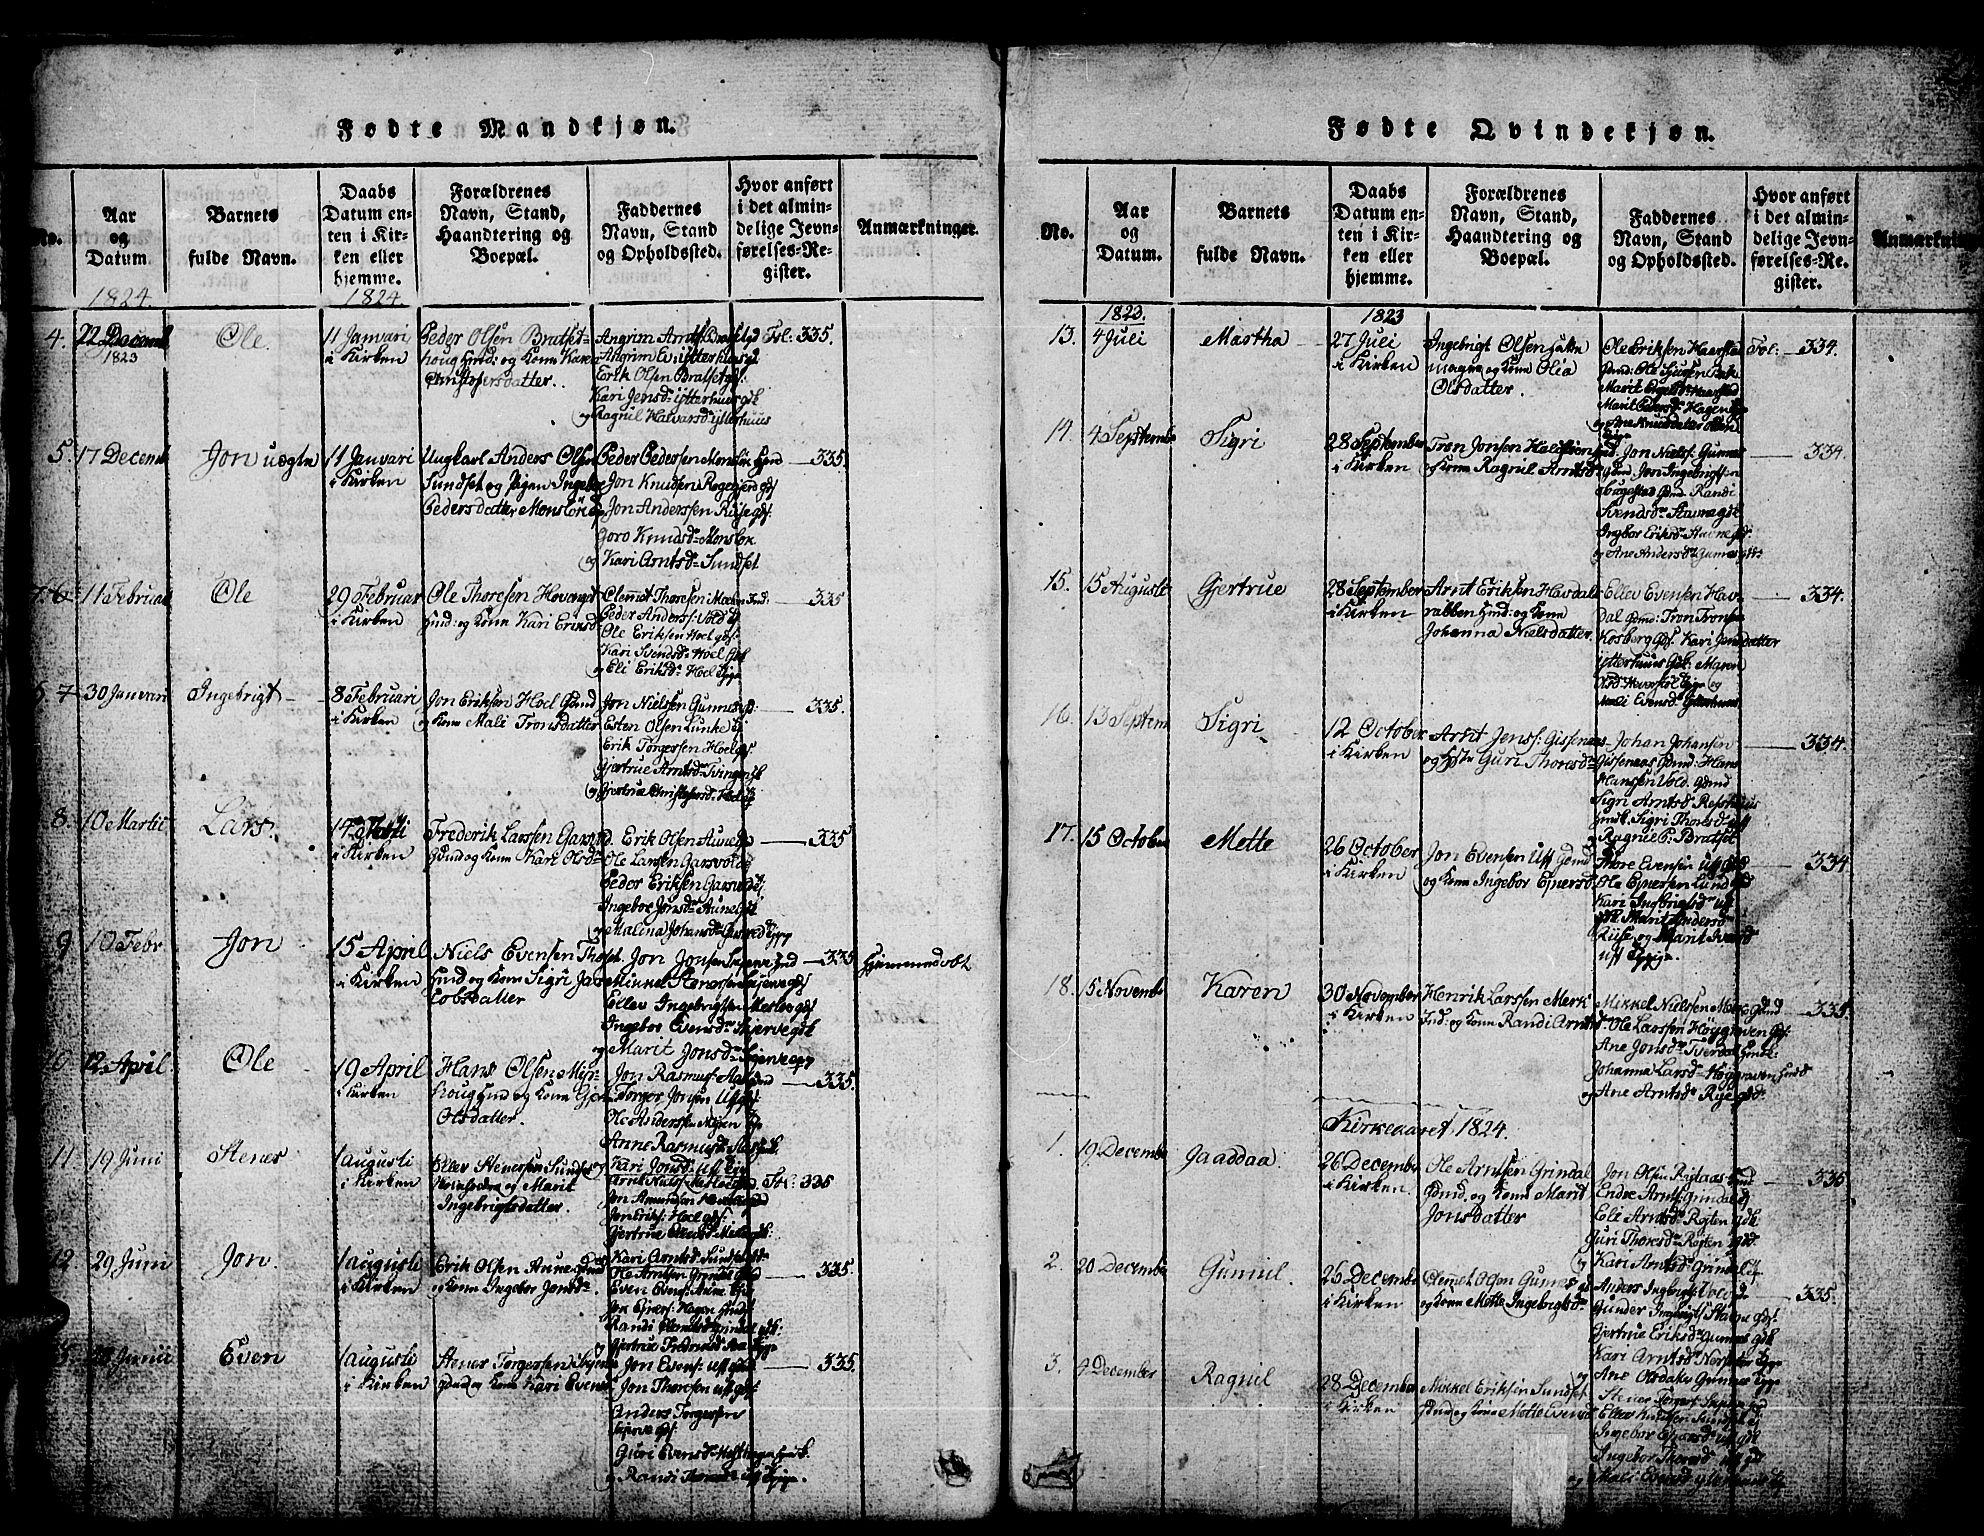 SAT, Ministerialprotokoller, klokkerbøker og fødselsregistre - Sør-Trøndelag, 674/L0874: Klokkerbok nr. 674C01, 1816-1860, s. 22